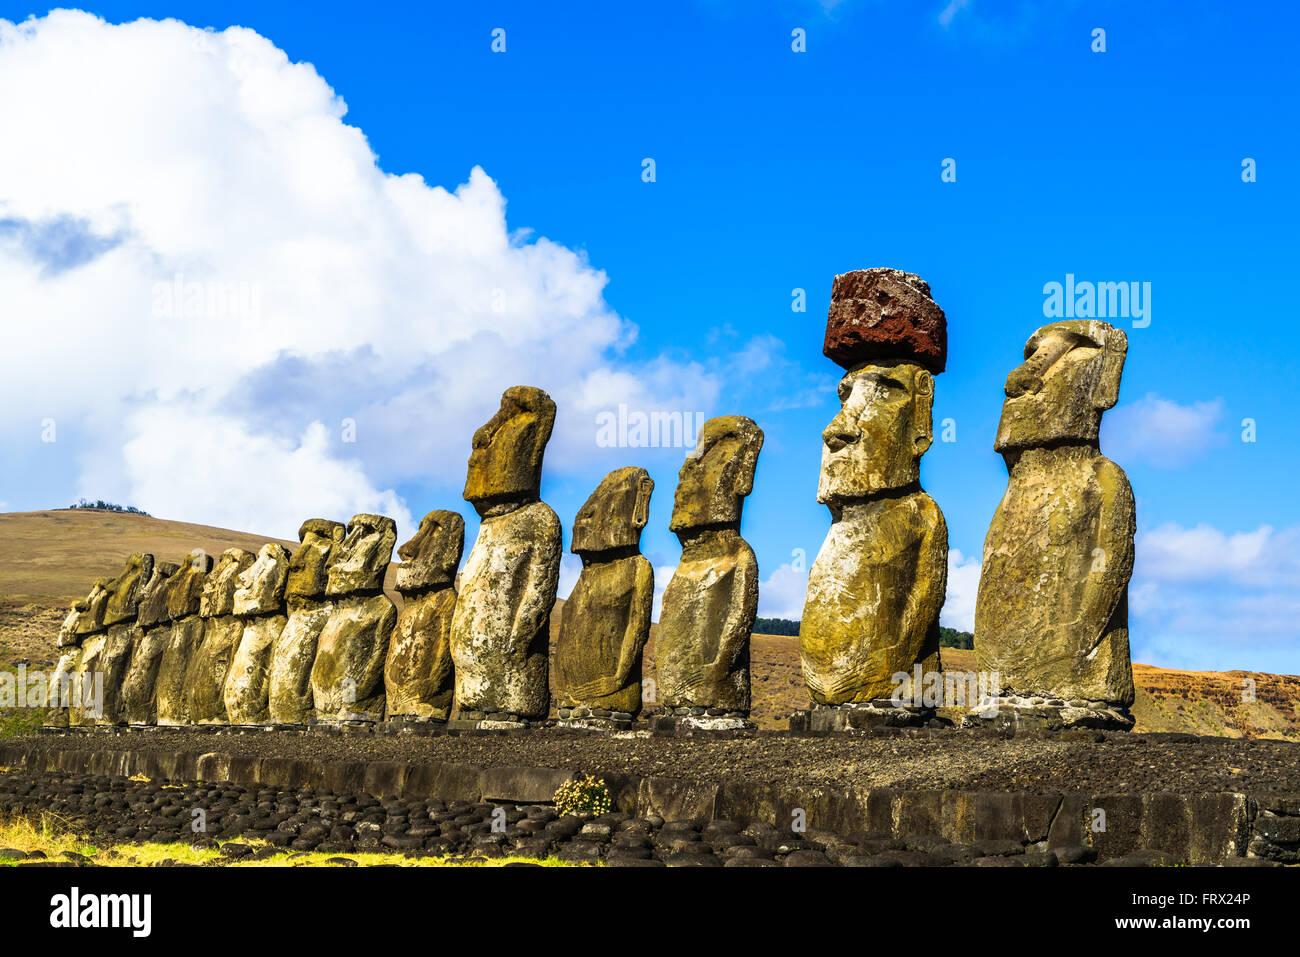 Moai permanente a Ahu Tongariki sull'Isola di Pasqua, Cile Immagini Stock